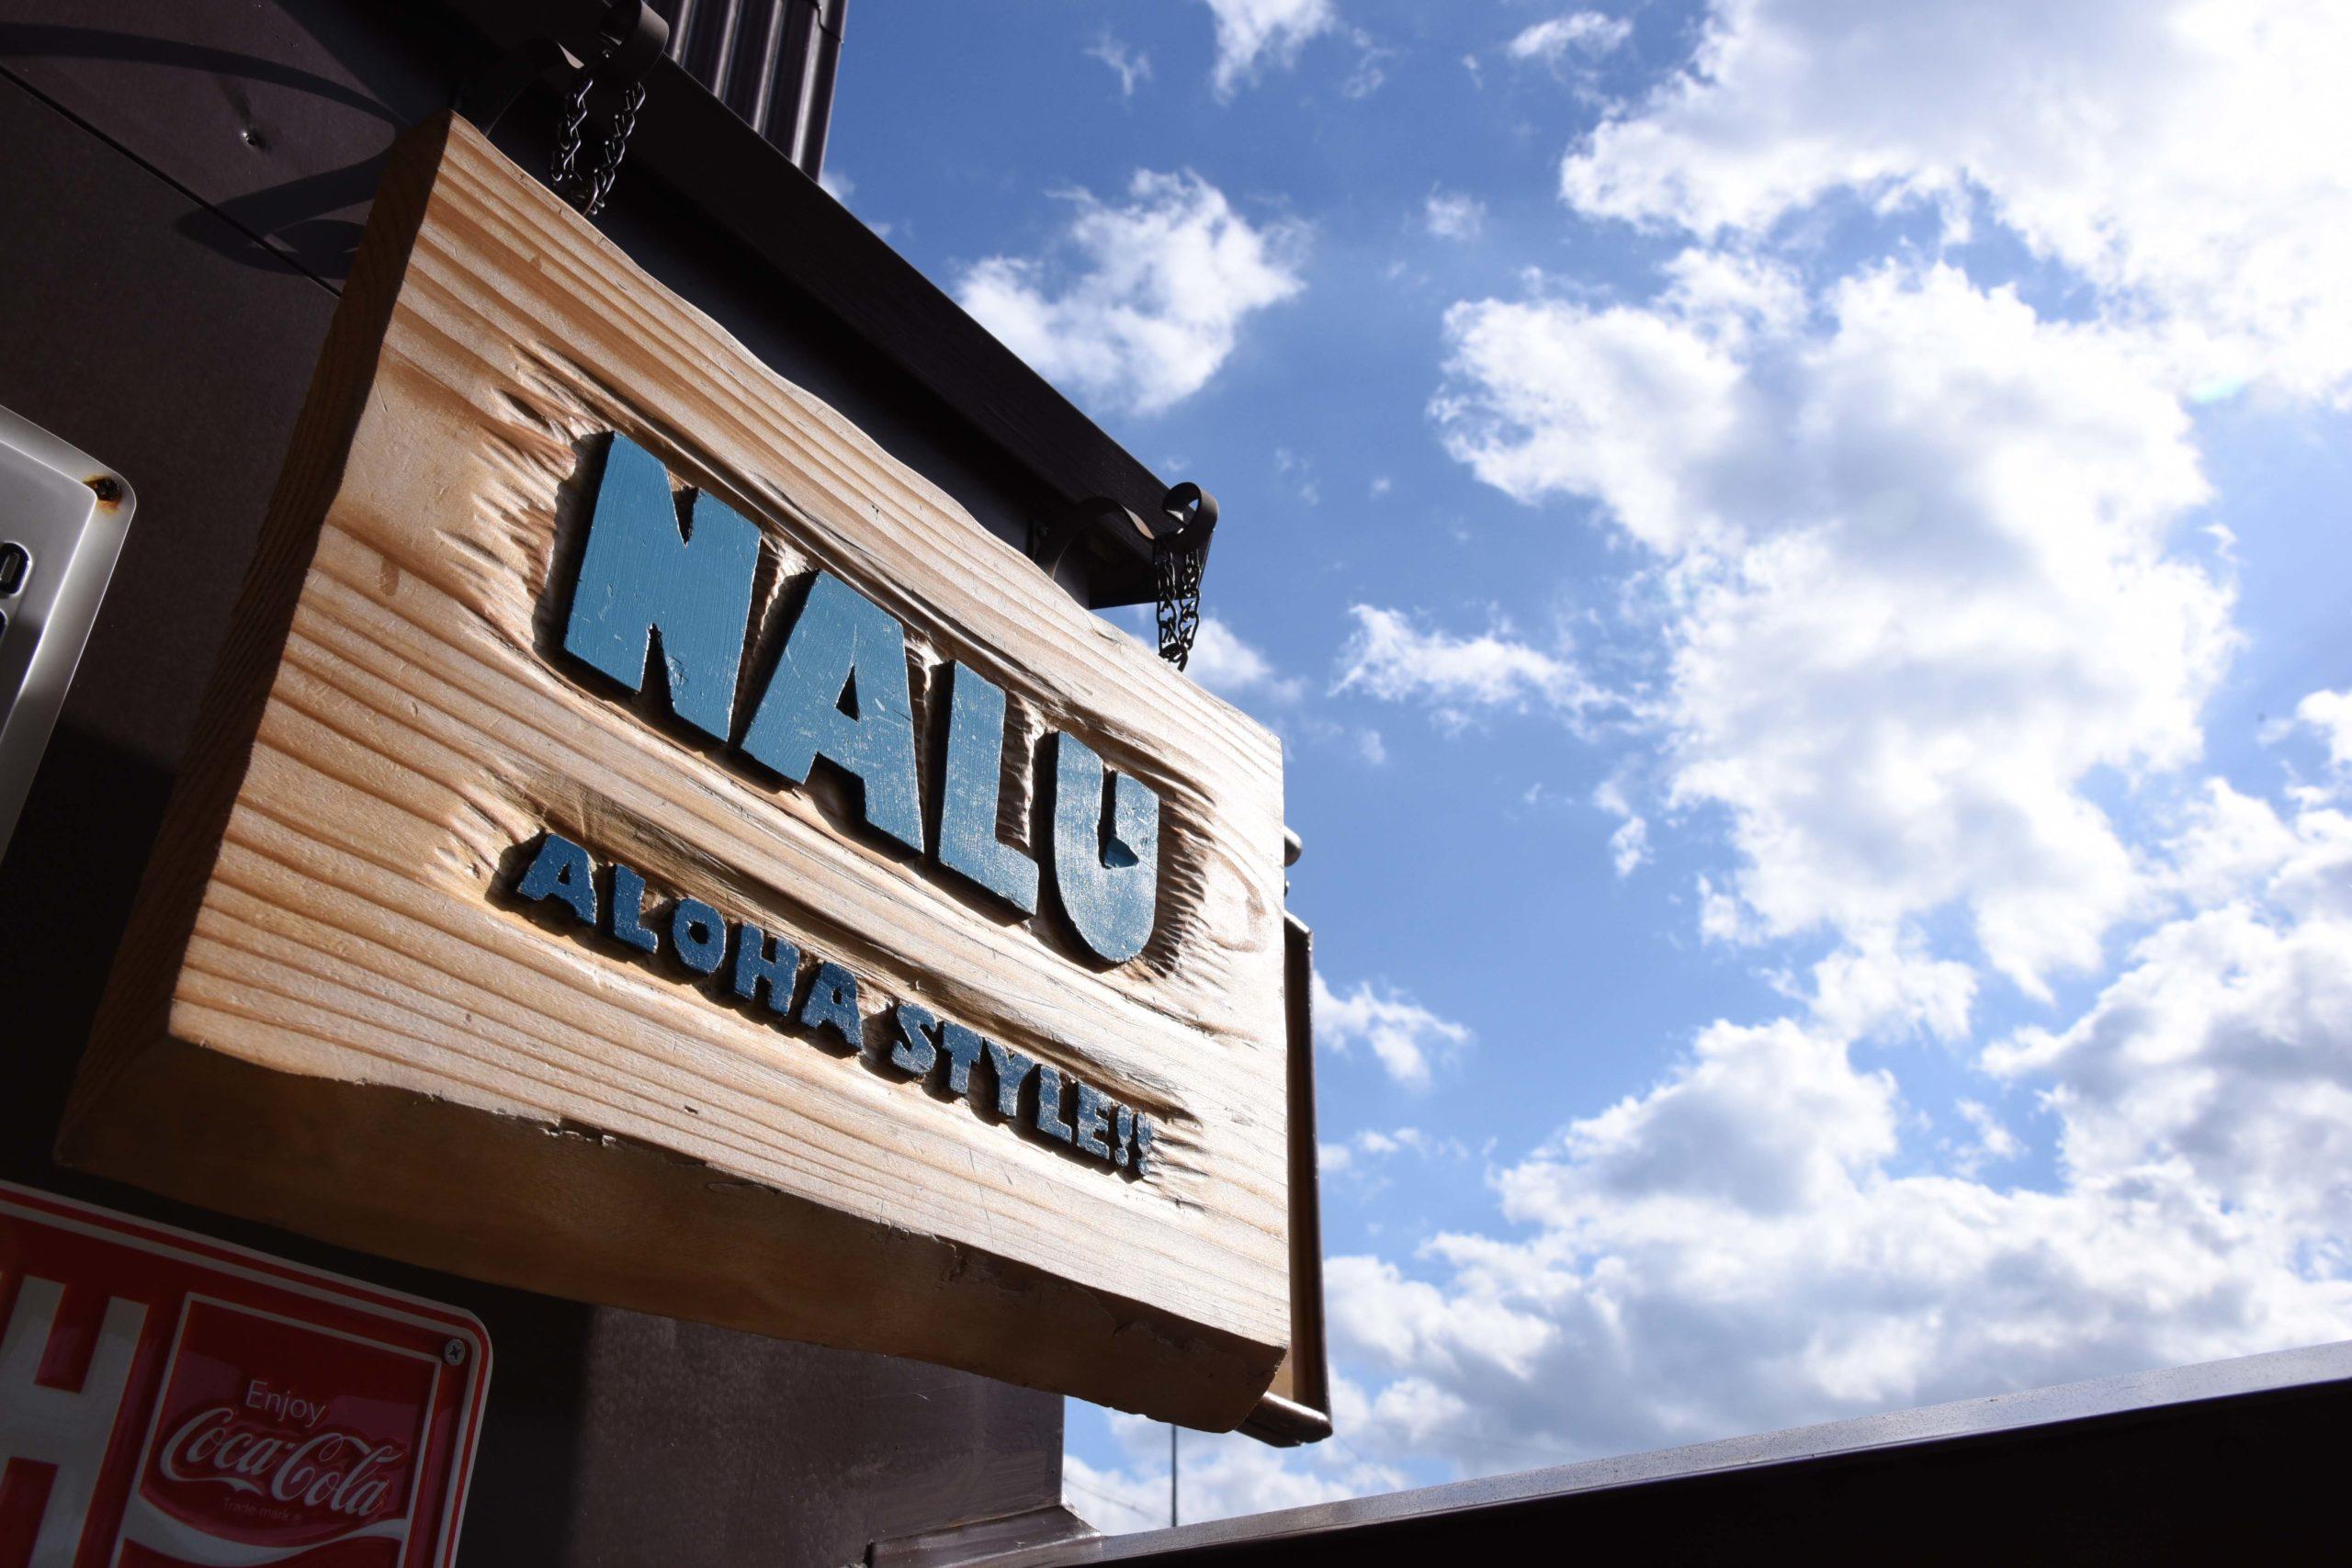 今日もどこかの銘店で~Hamburgers Cafe NALU Aloha Style~